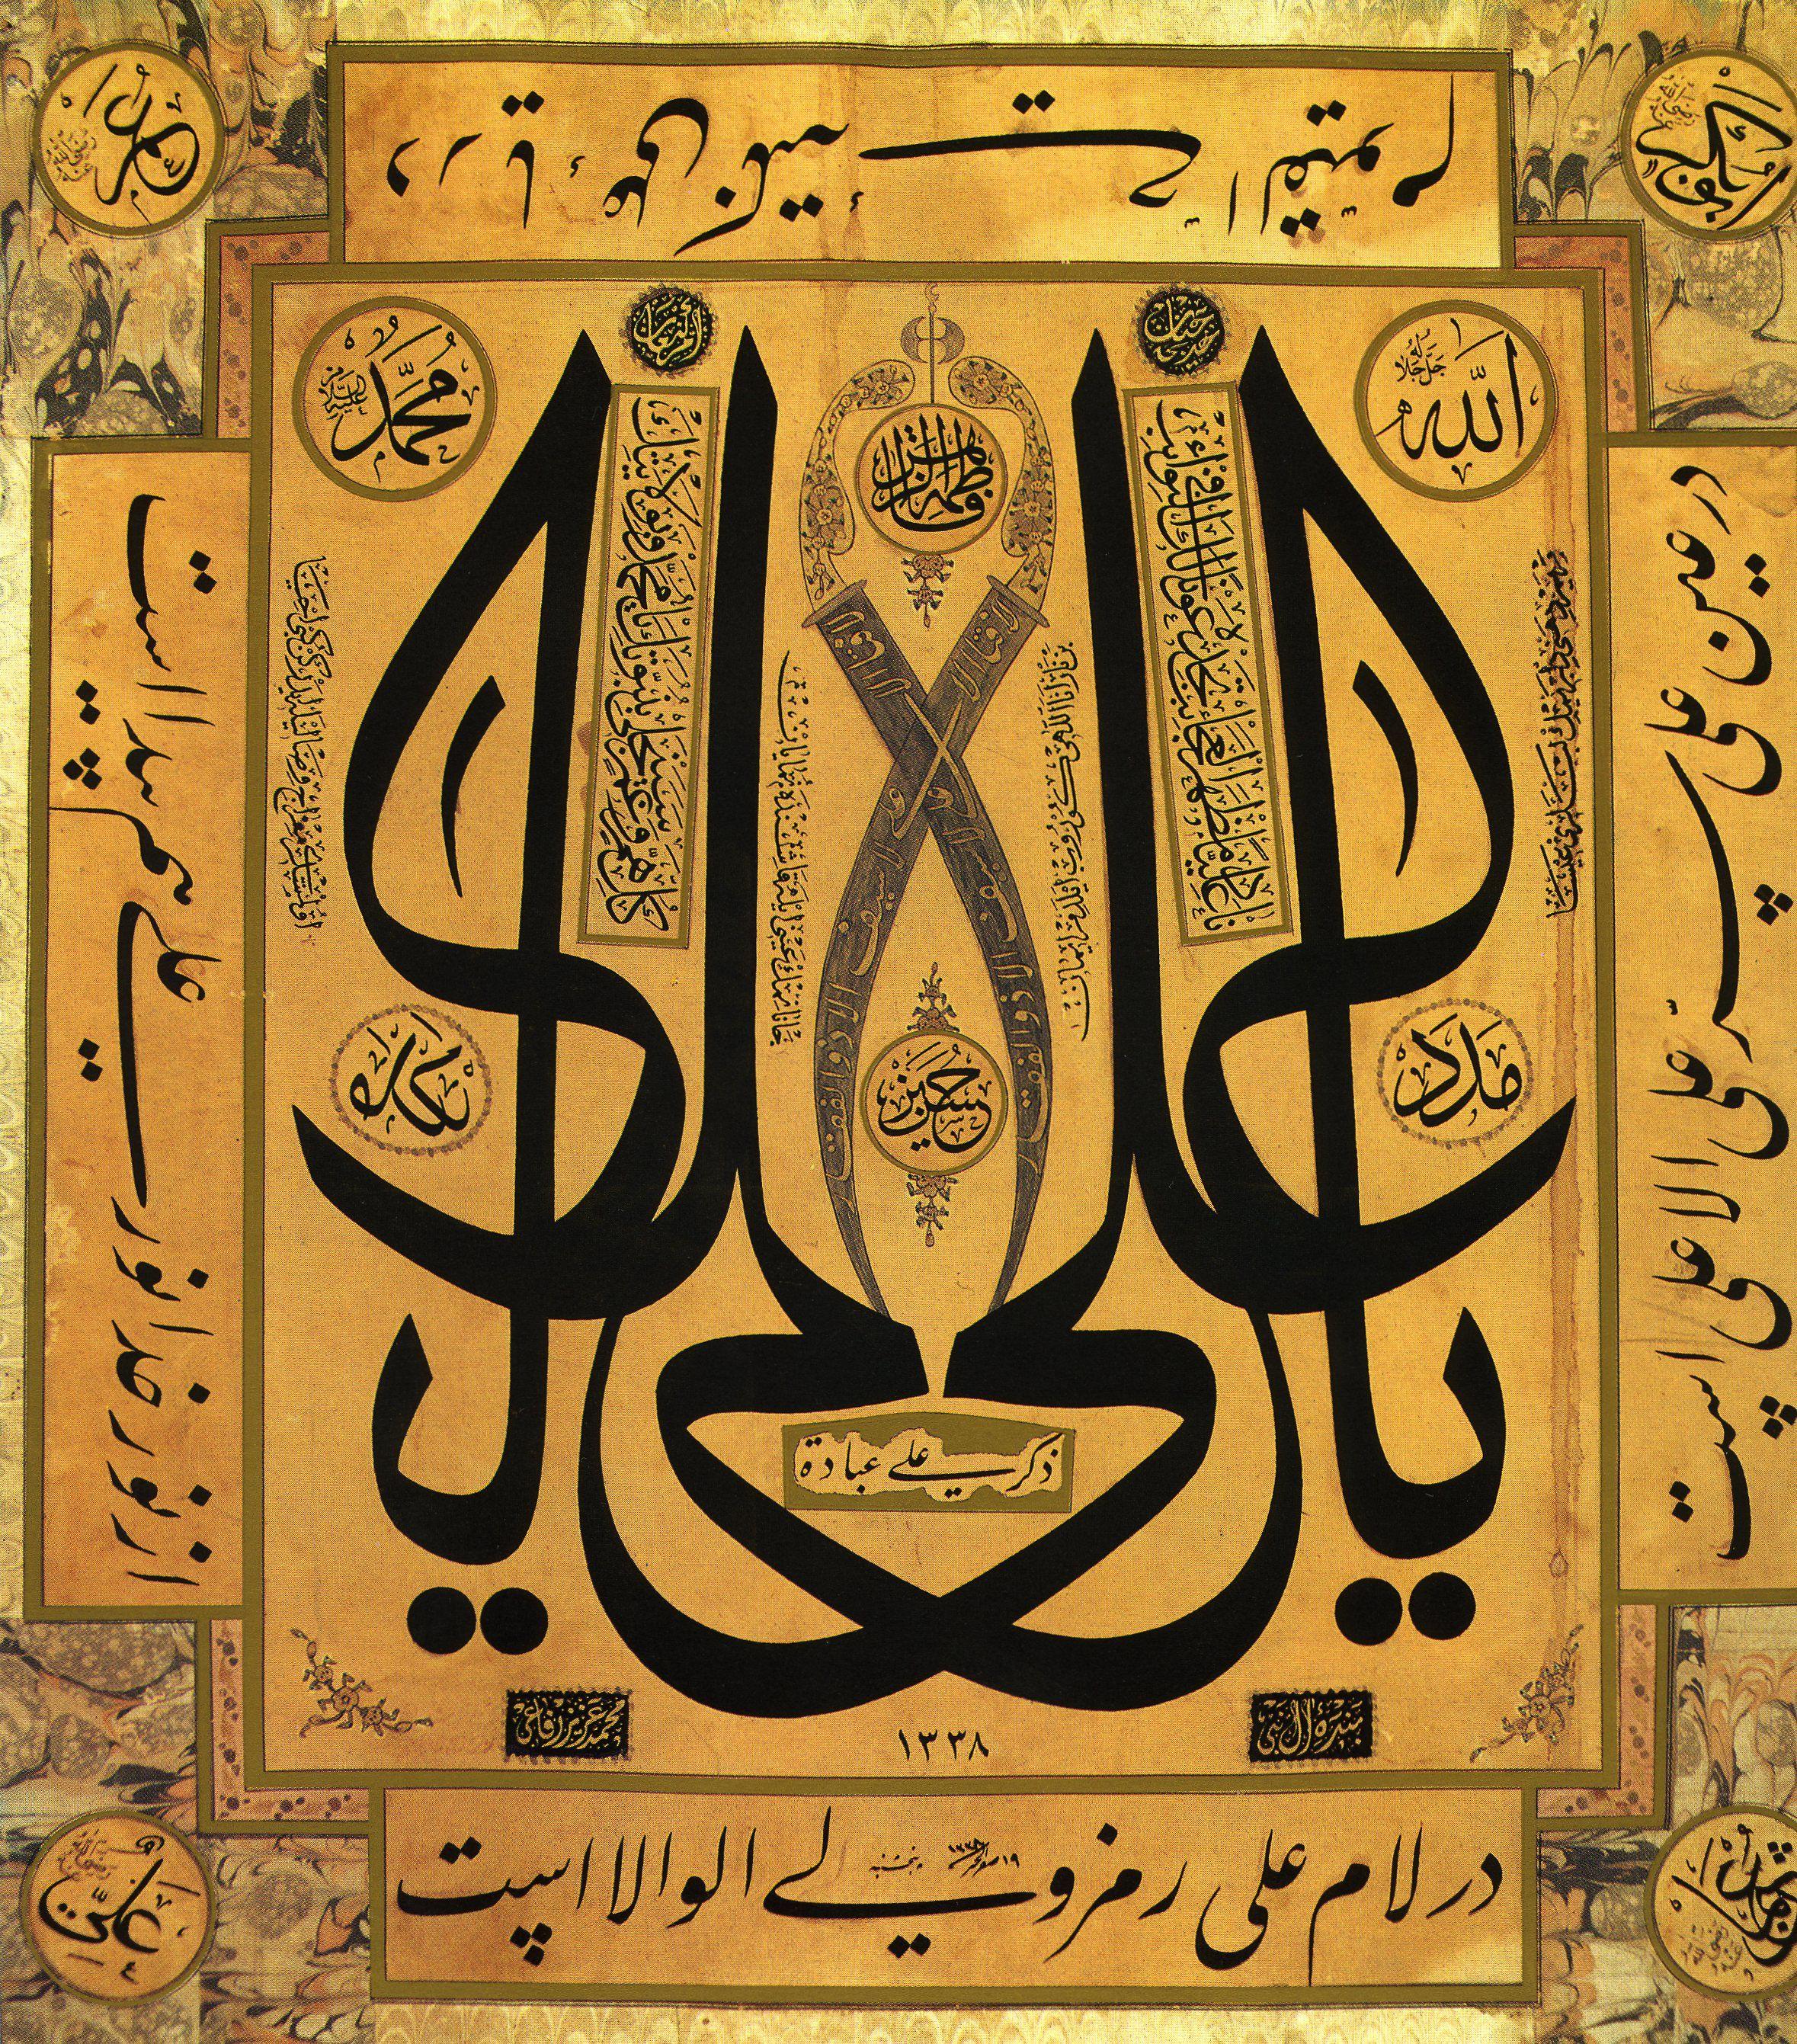 Ya 'Ali (turkish calligraphy)